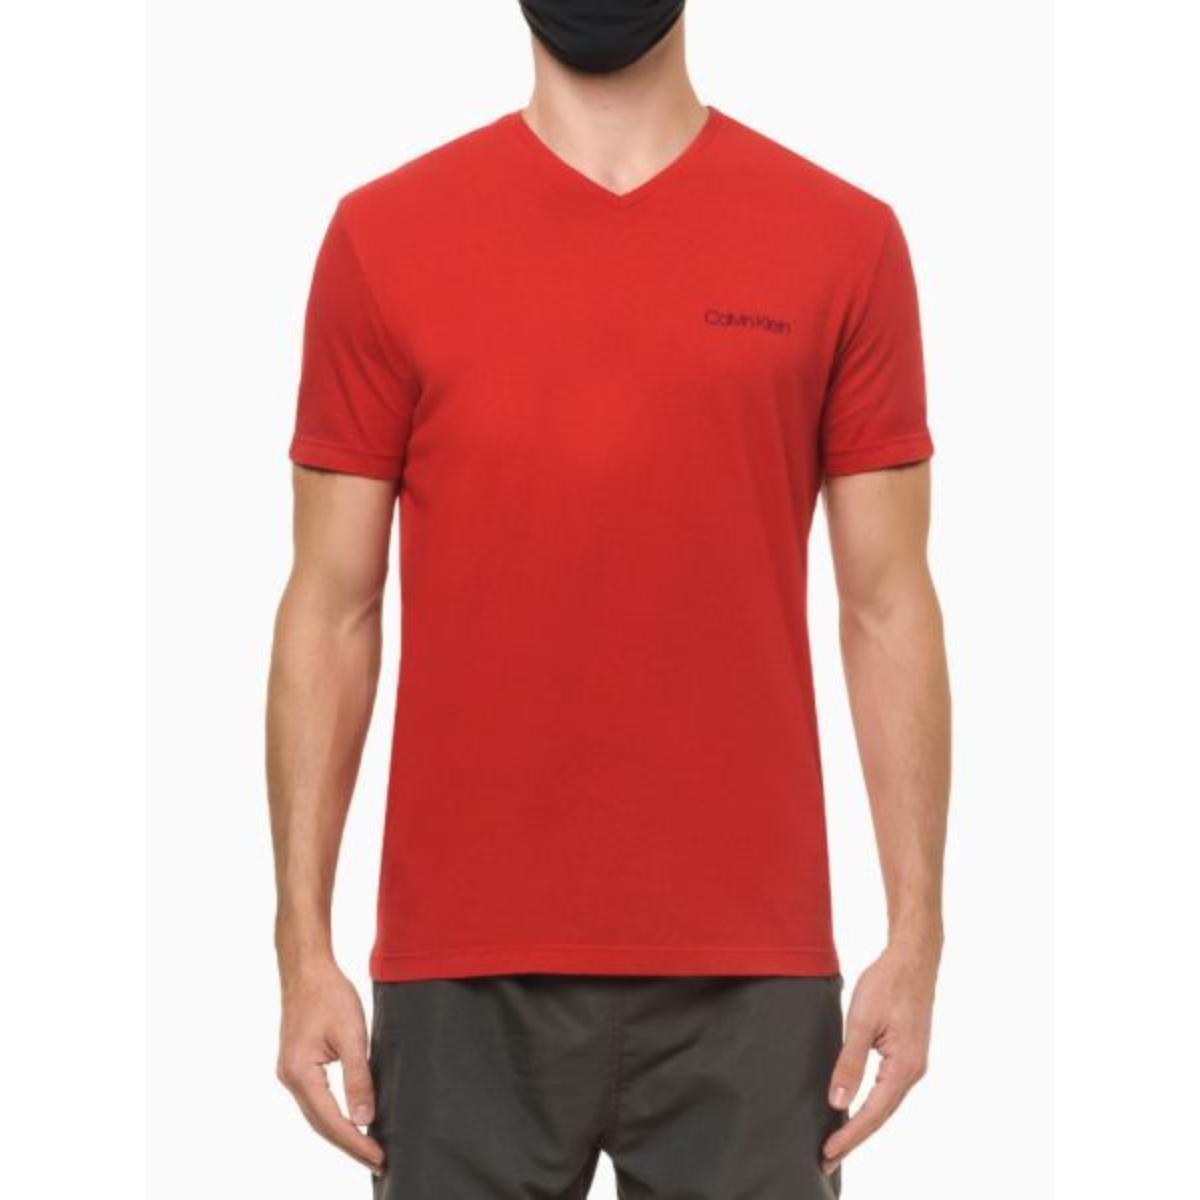 Camiseta Masculina Calvin Klein Cm1os01i3020 Vermelho